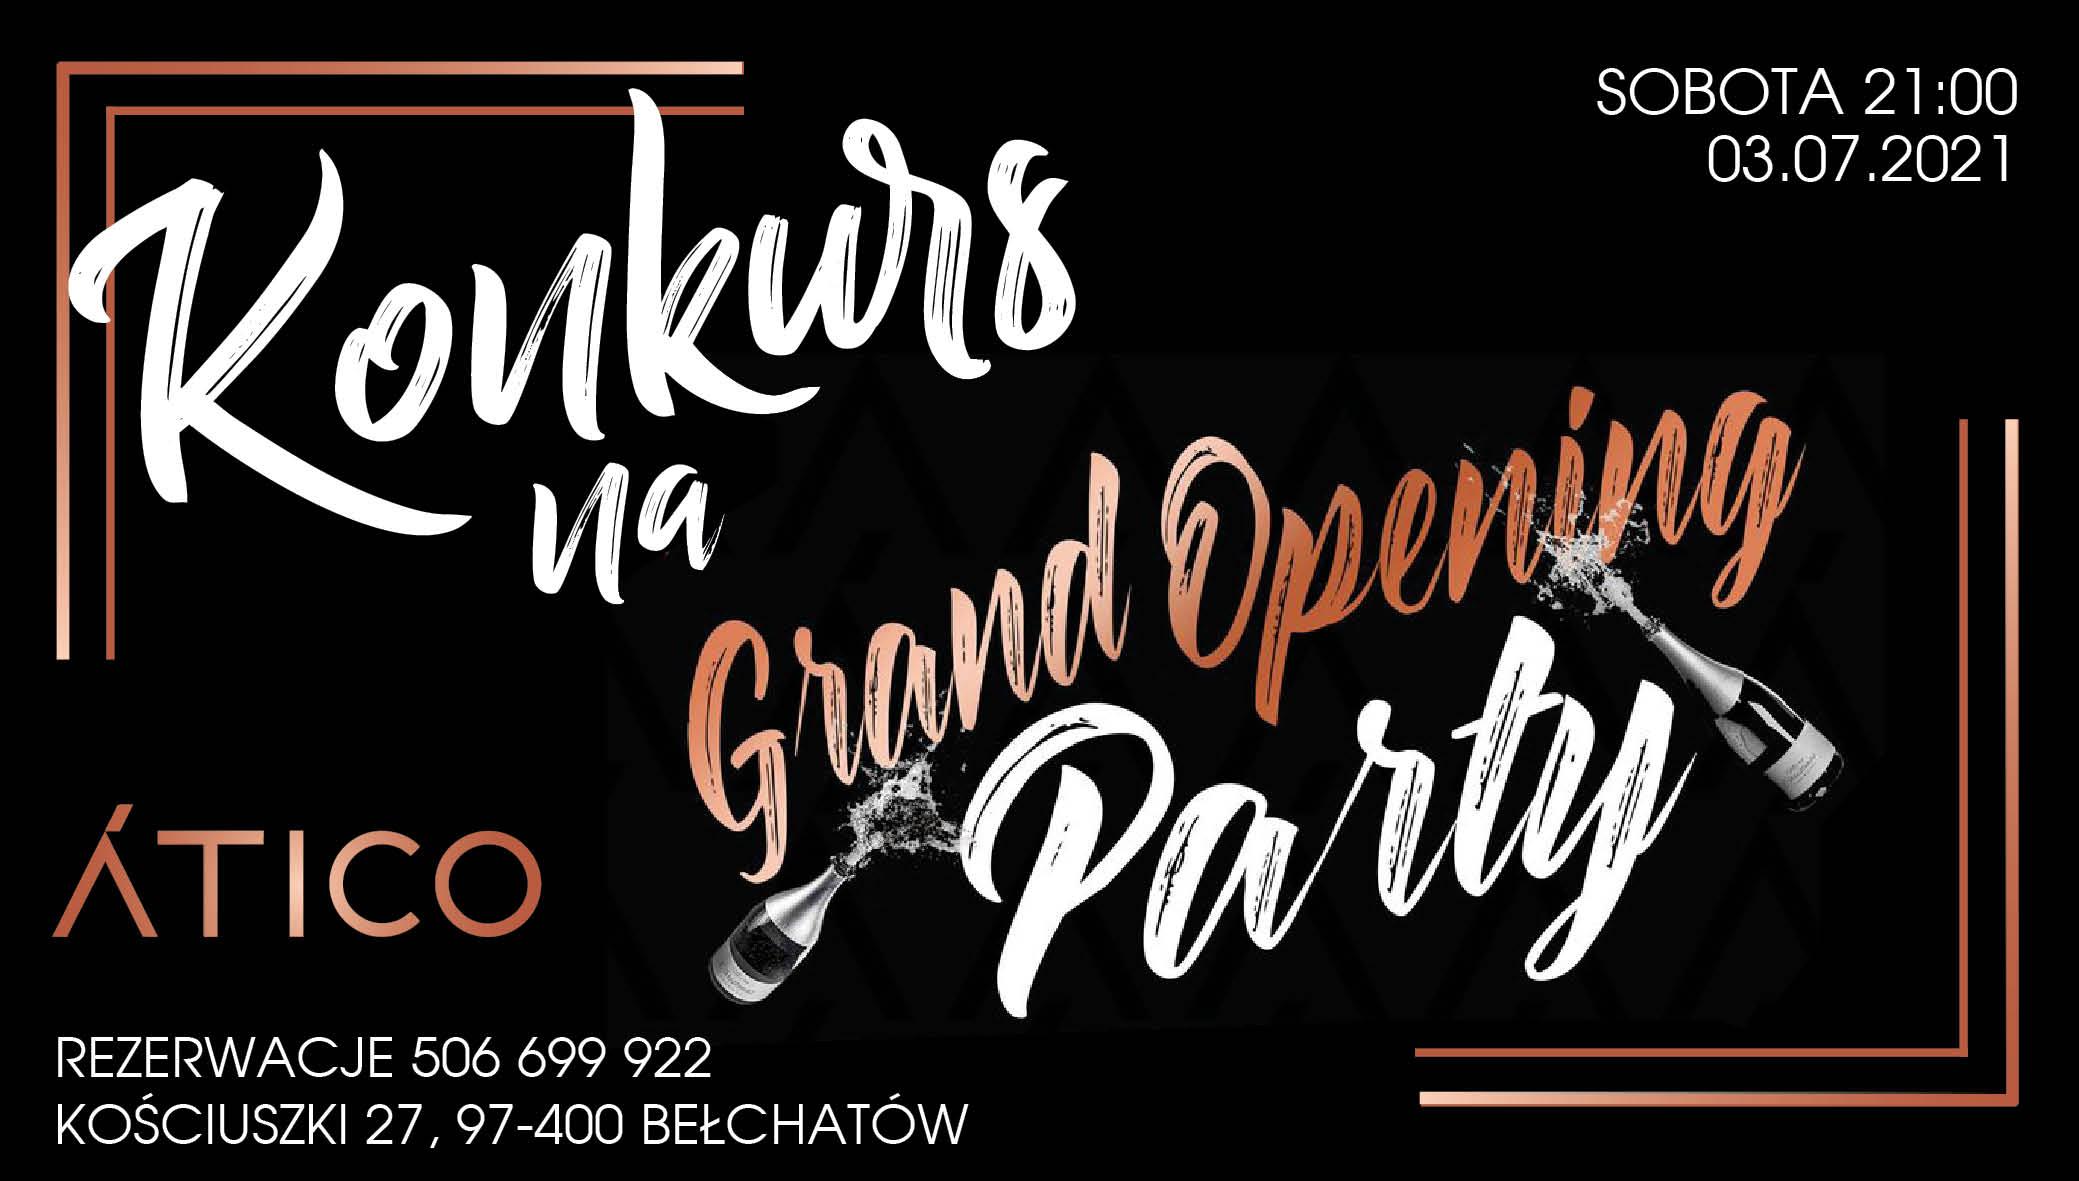 Już w najbliższą sobotę otwarcie nowego klubu w Bełchatowie - Atico. Wygraj wejściówki i drinka! - Zdjęcie główne